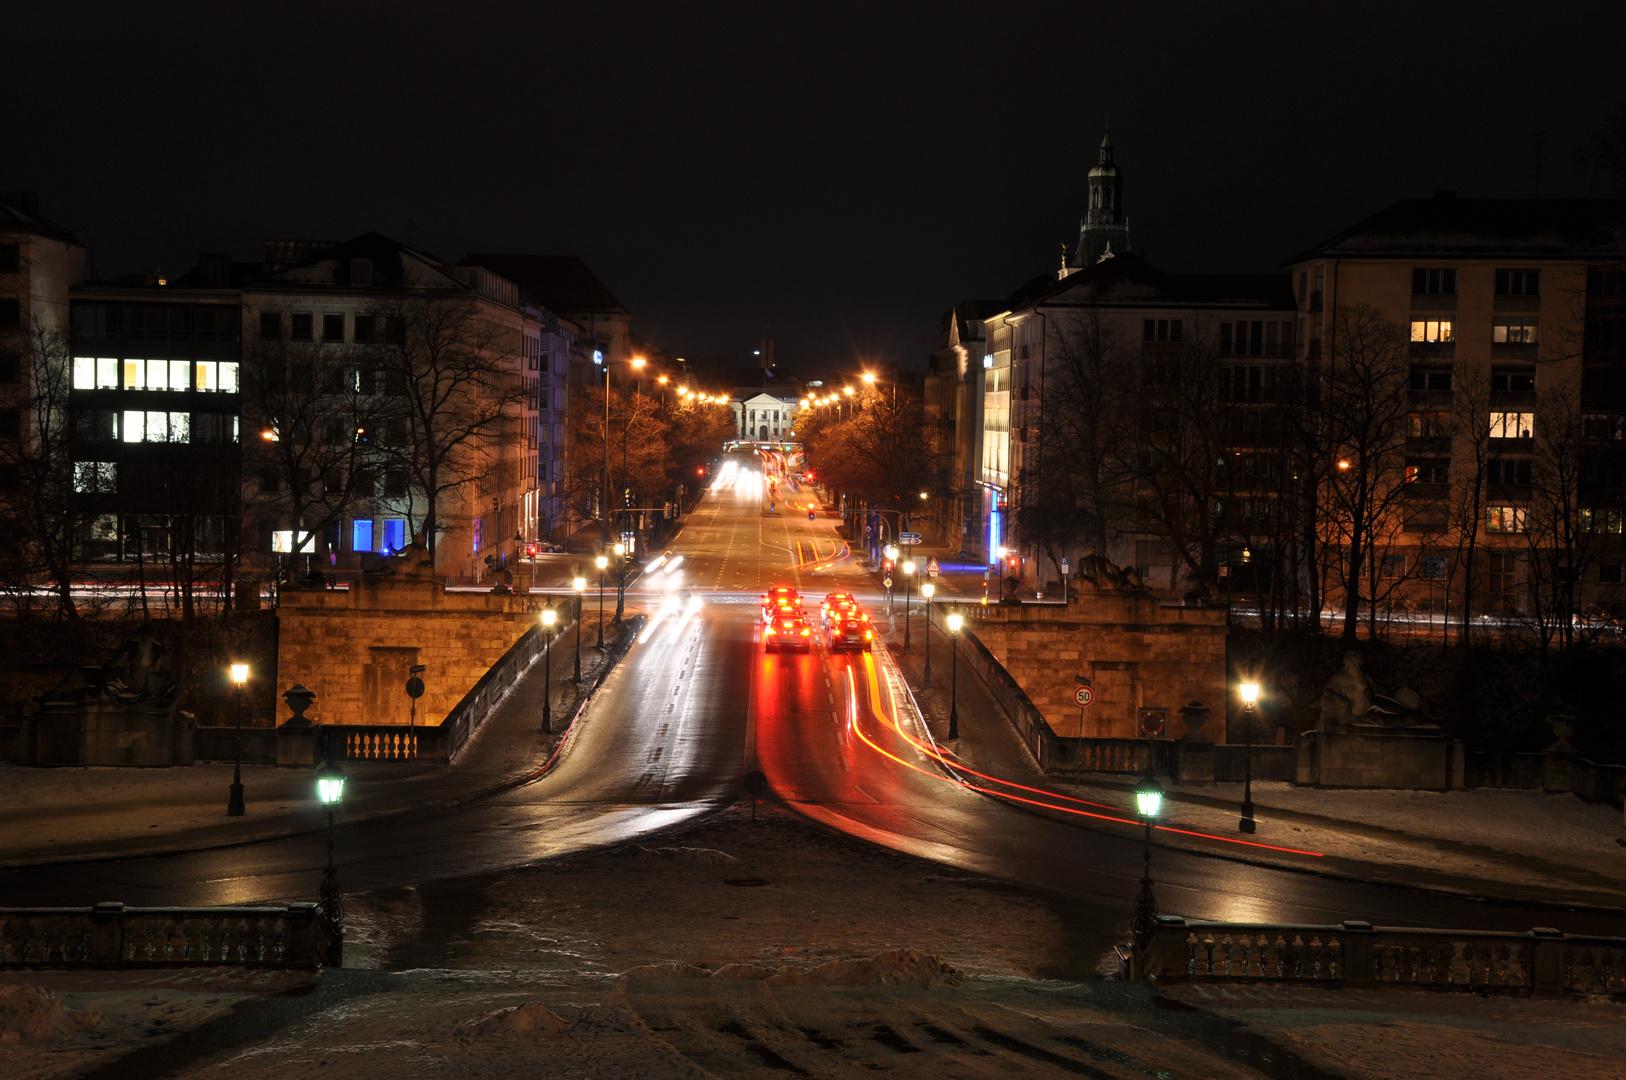 Prinzregentenstreet at night II